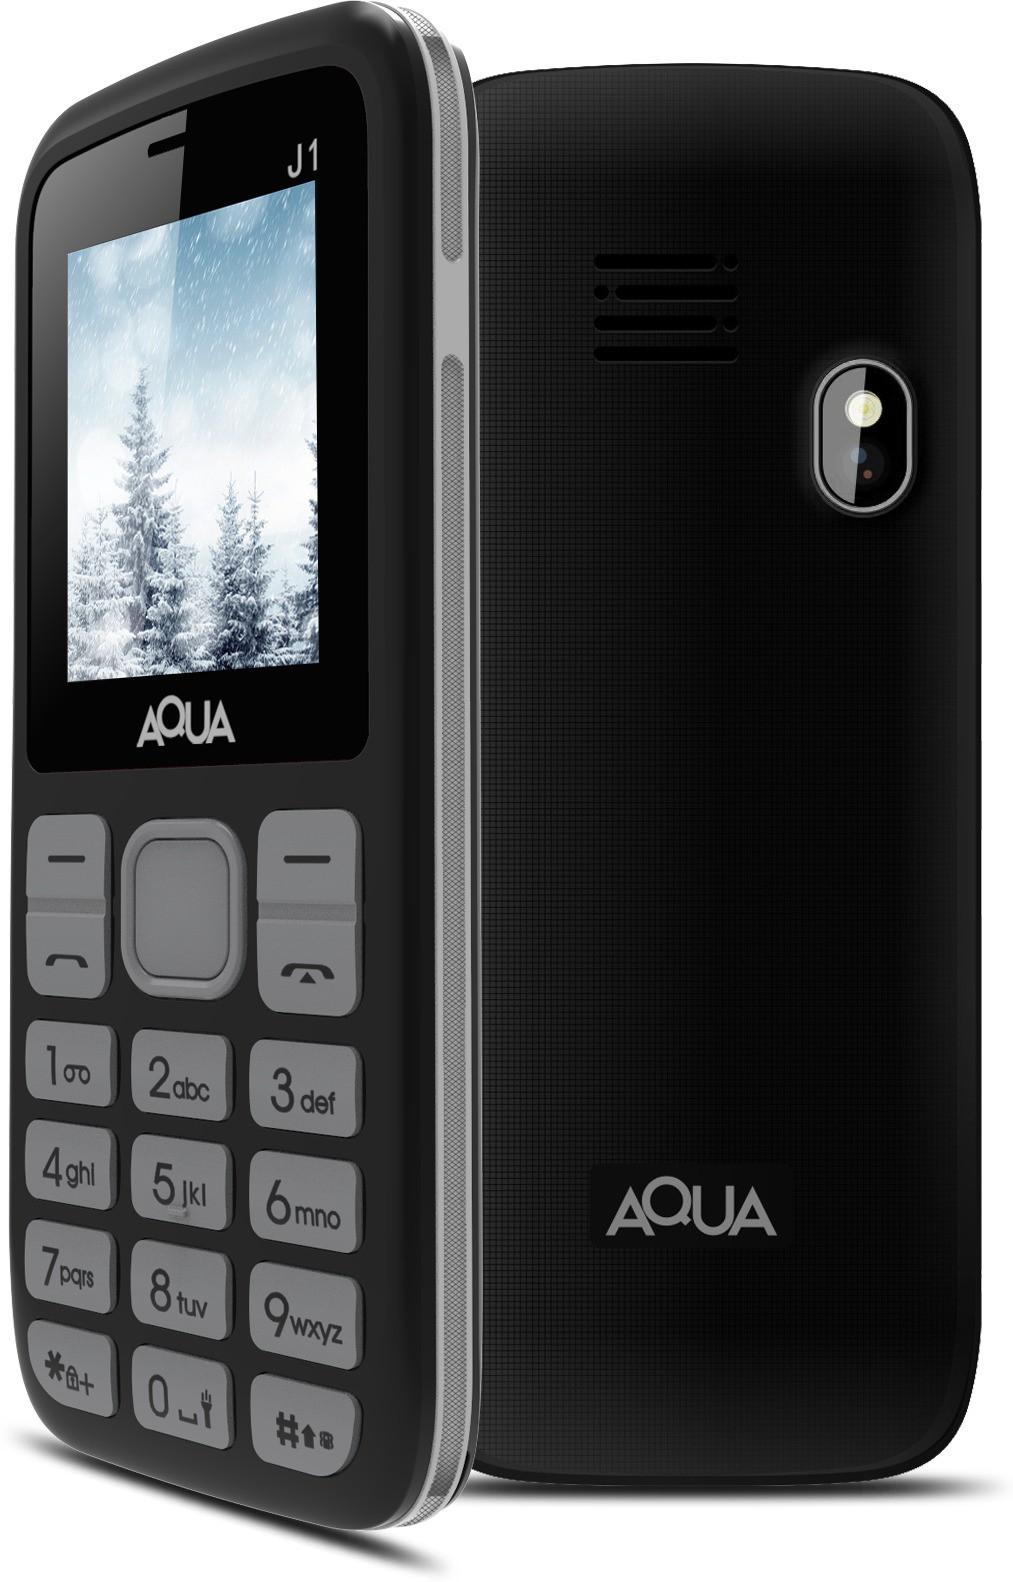 Aqua J1(Black & Silver)